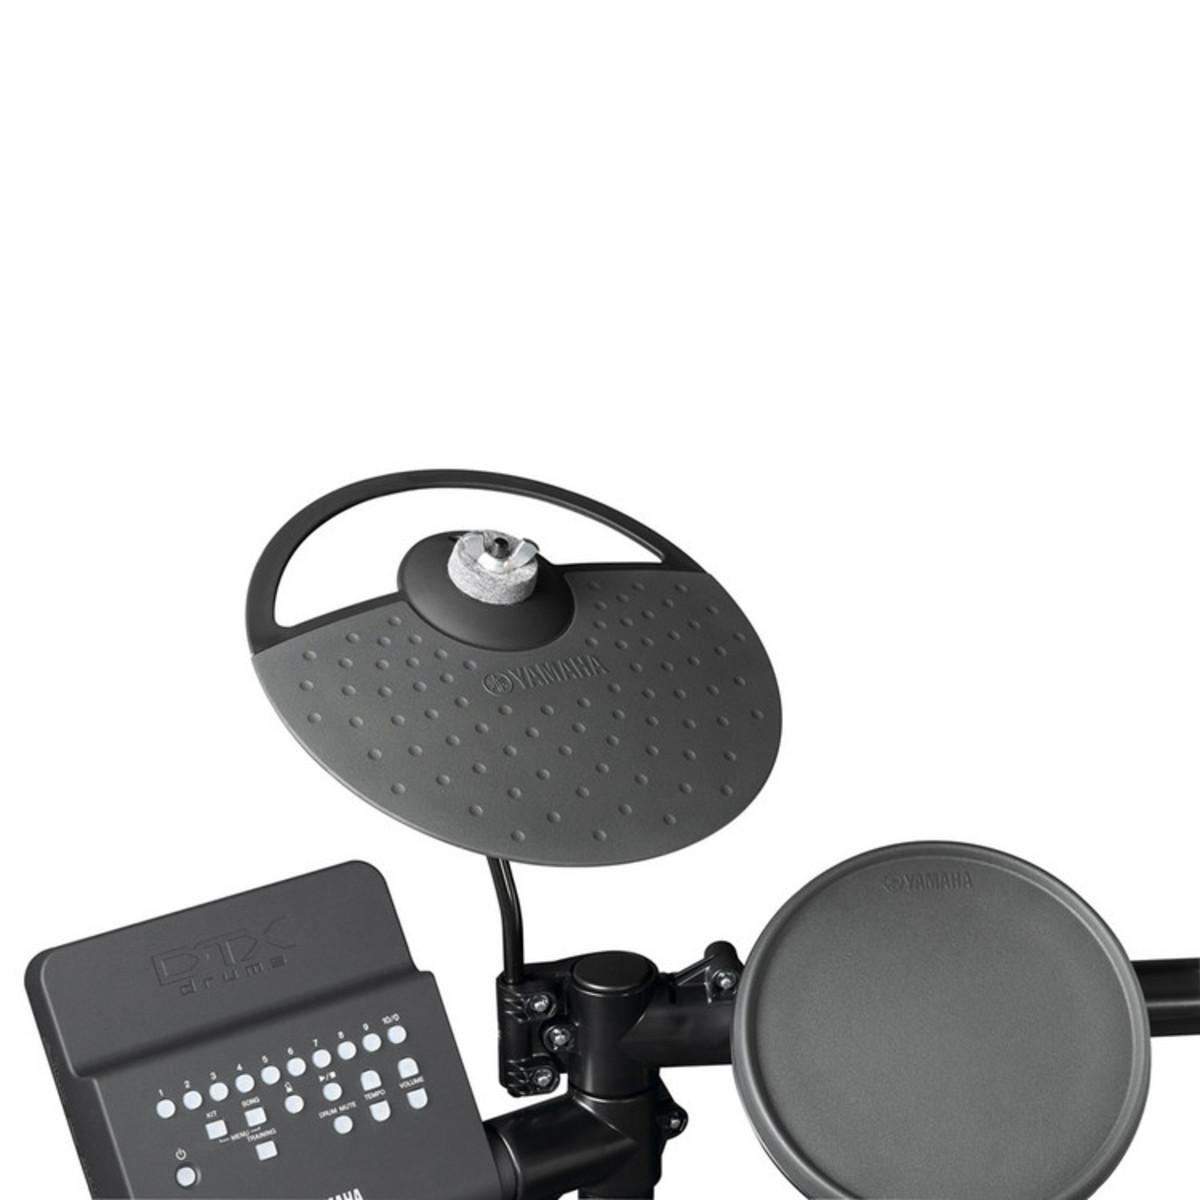 yamaha dtx400k electronic drum kit box opened at